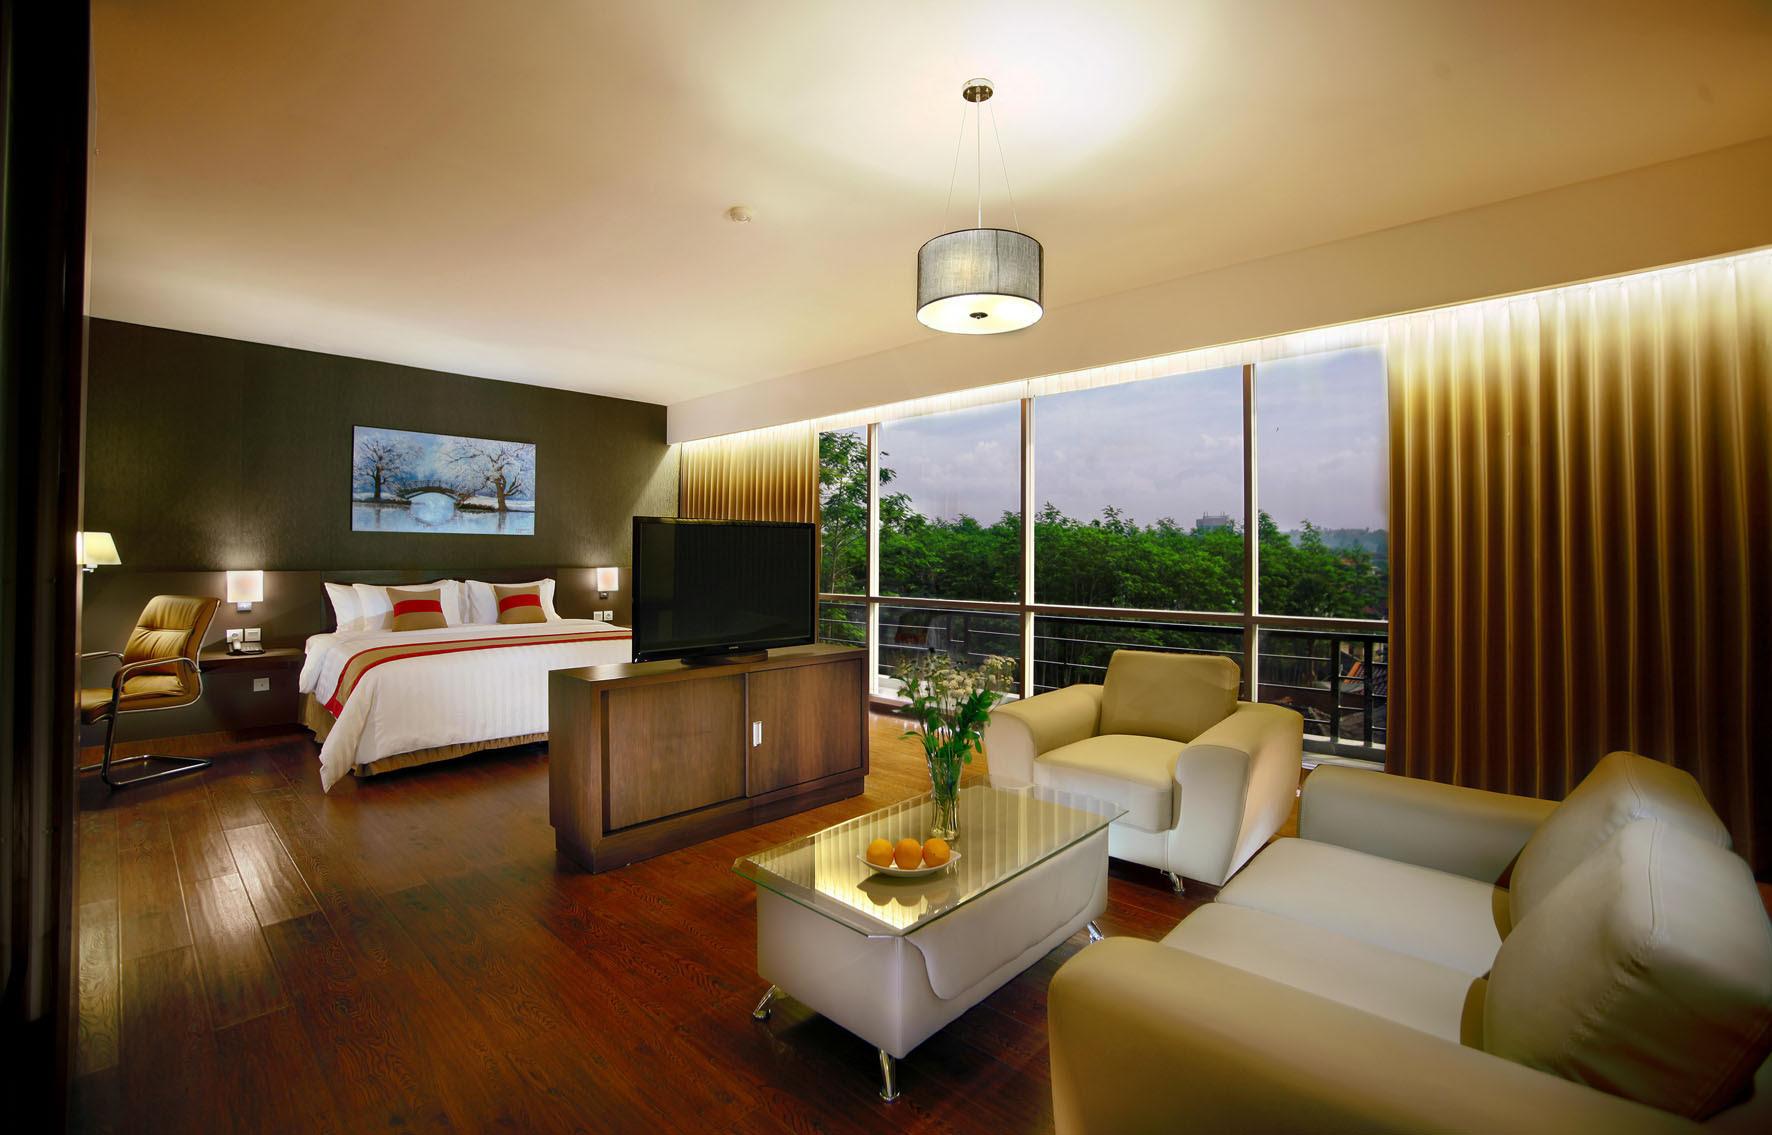 Desain Interior Kamar Hotel Bintang 5 | Desain Rumah ...